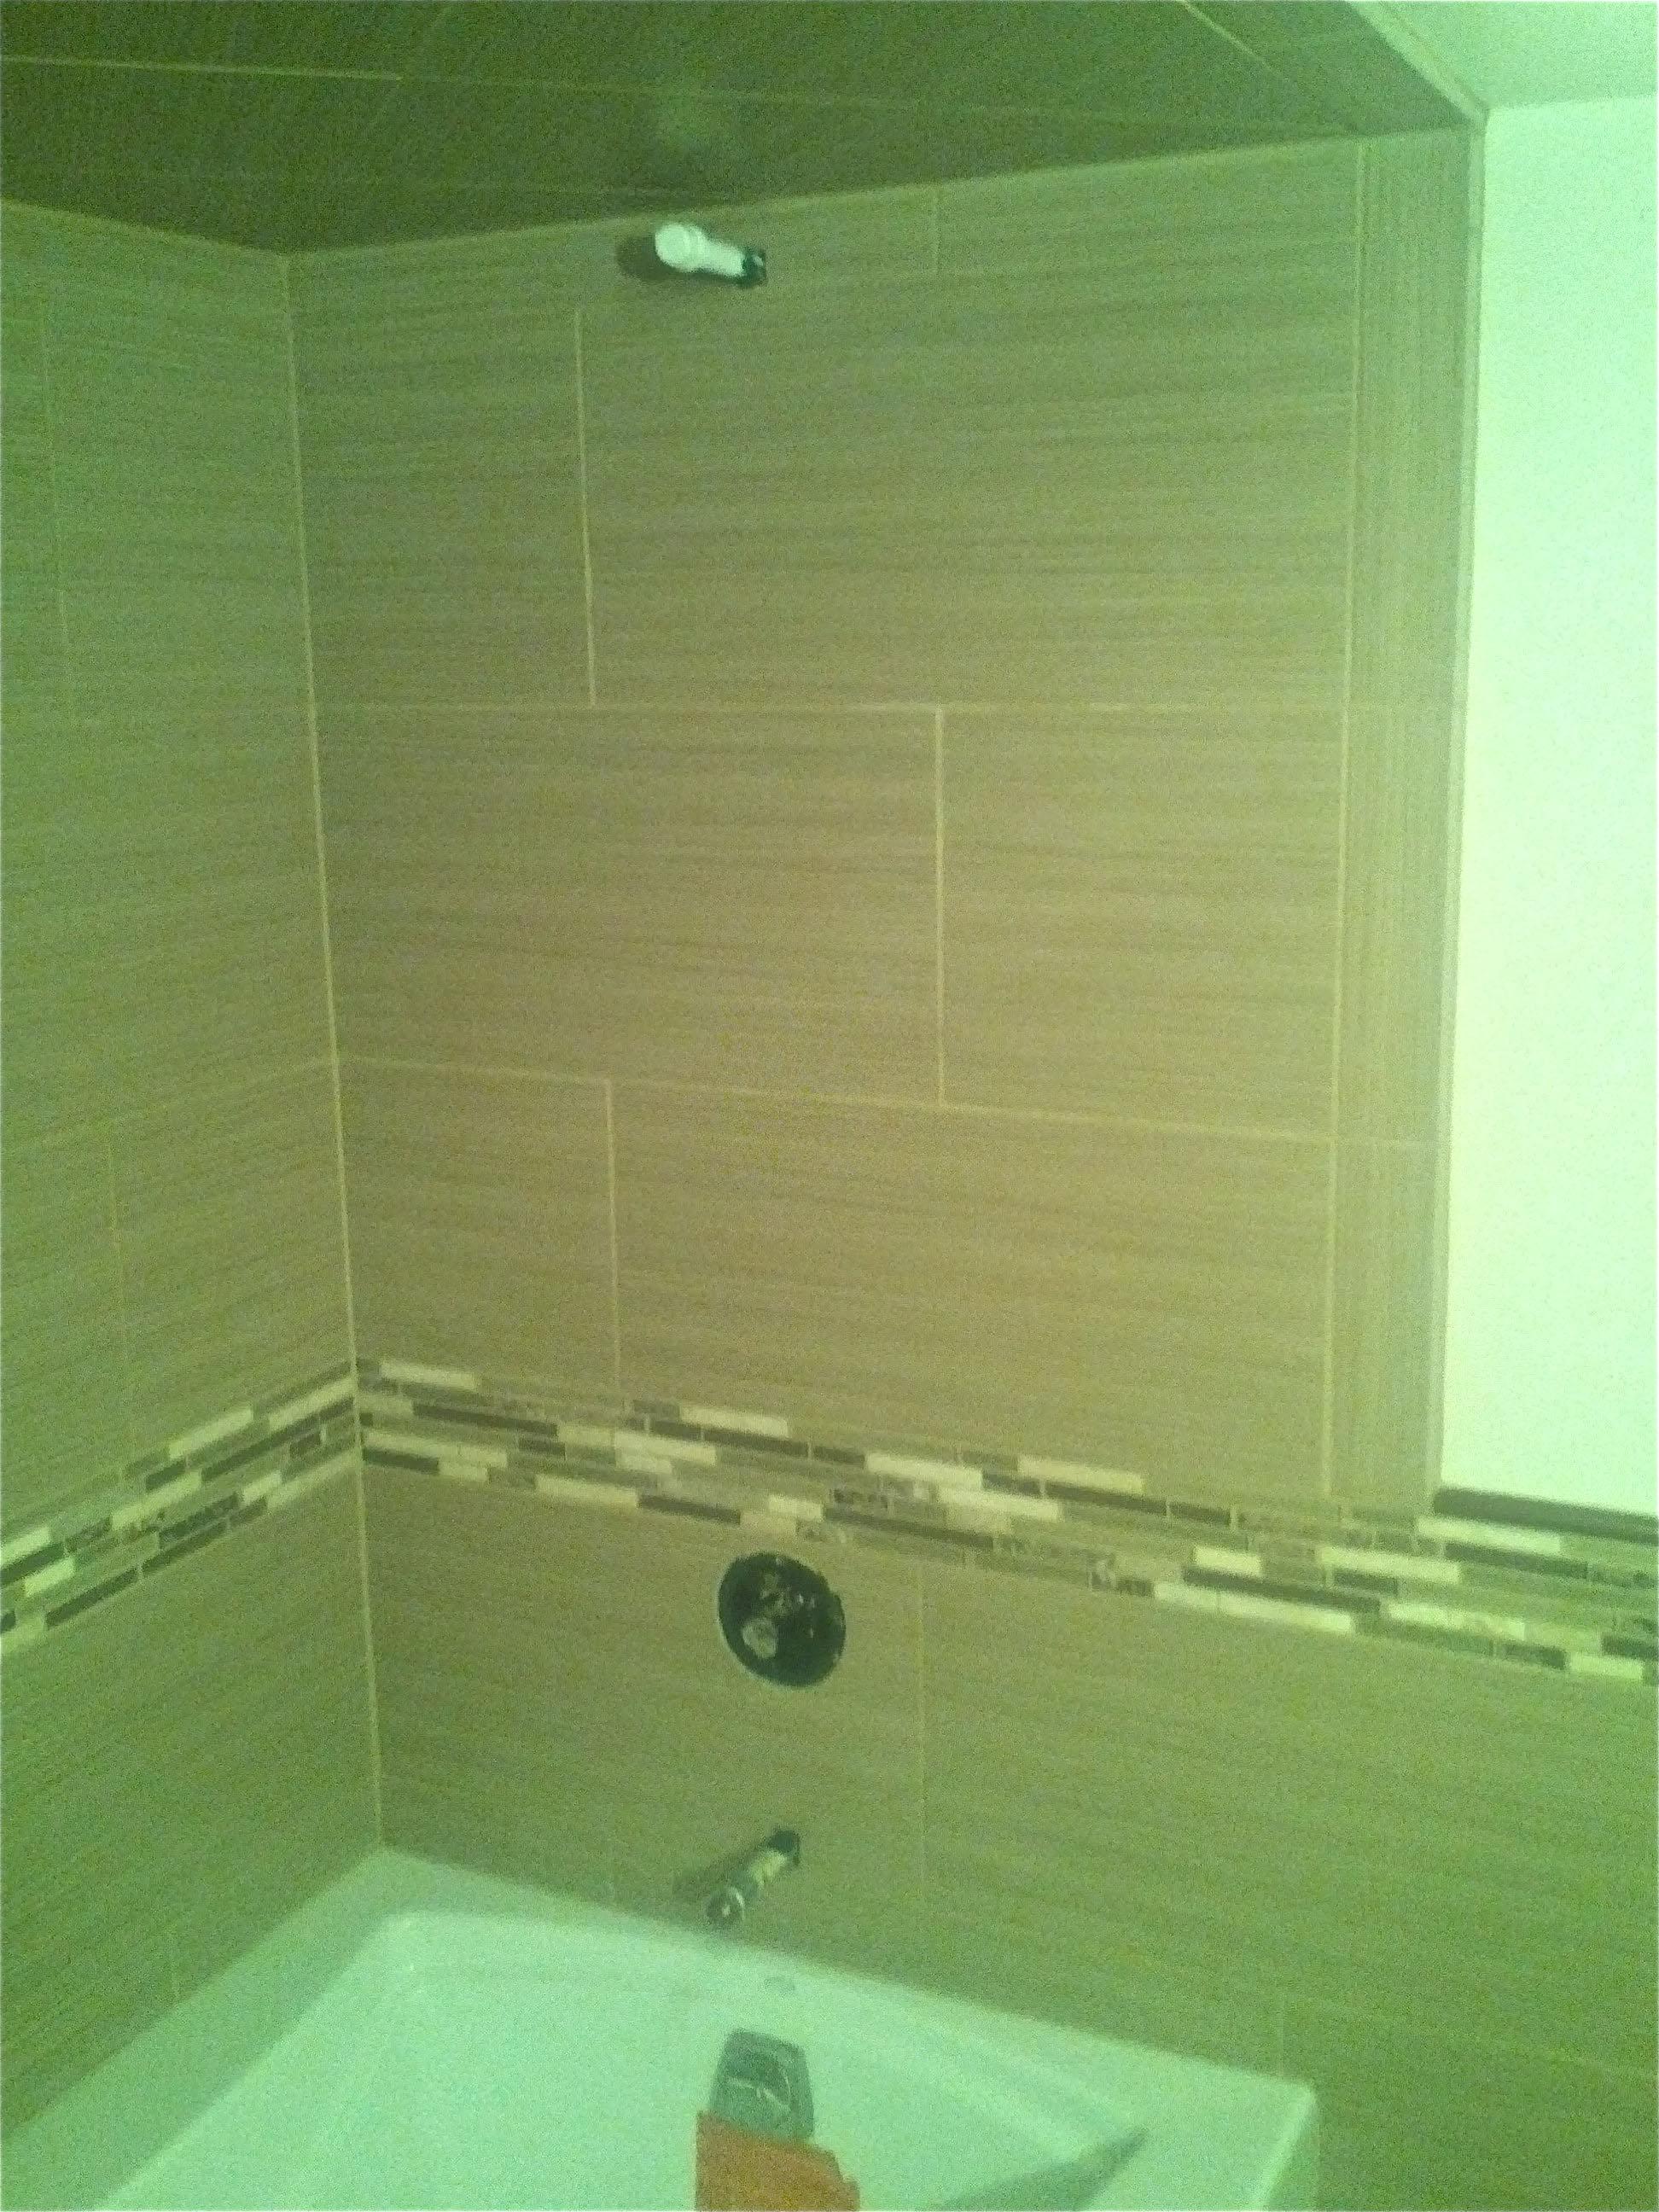 shower097.jpg